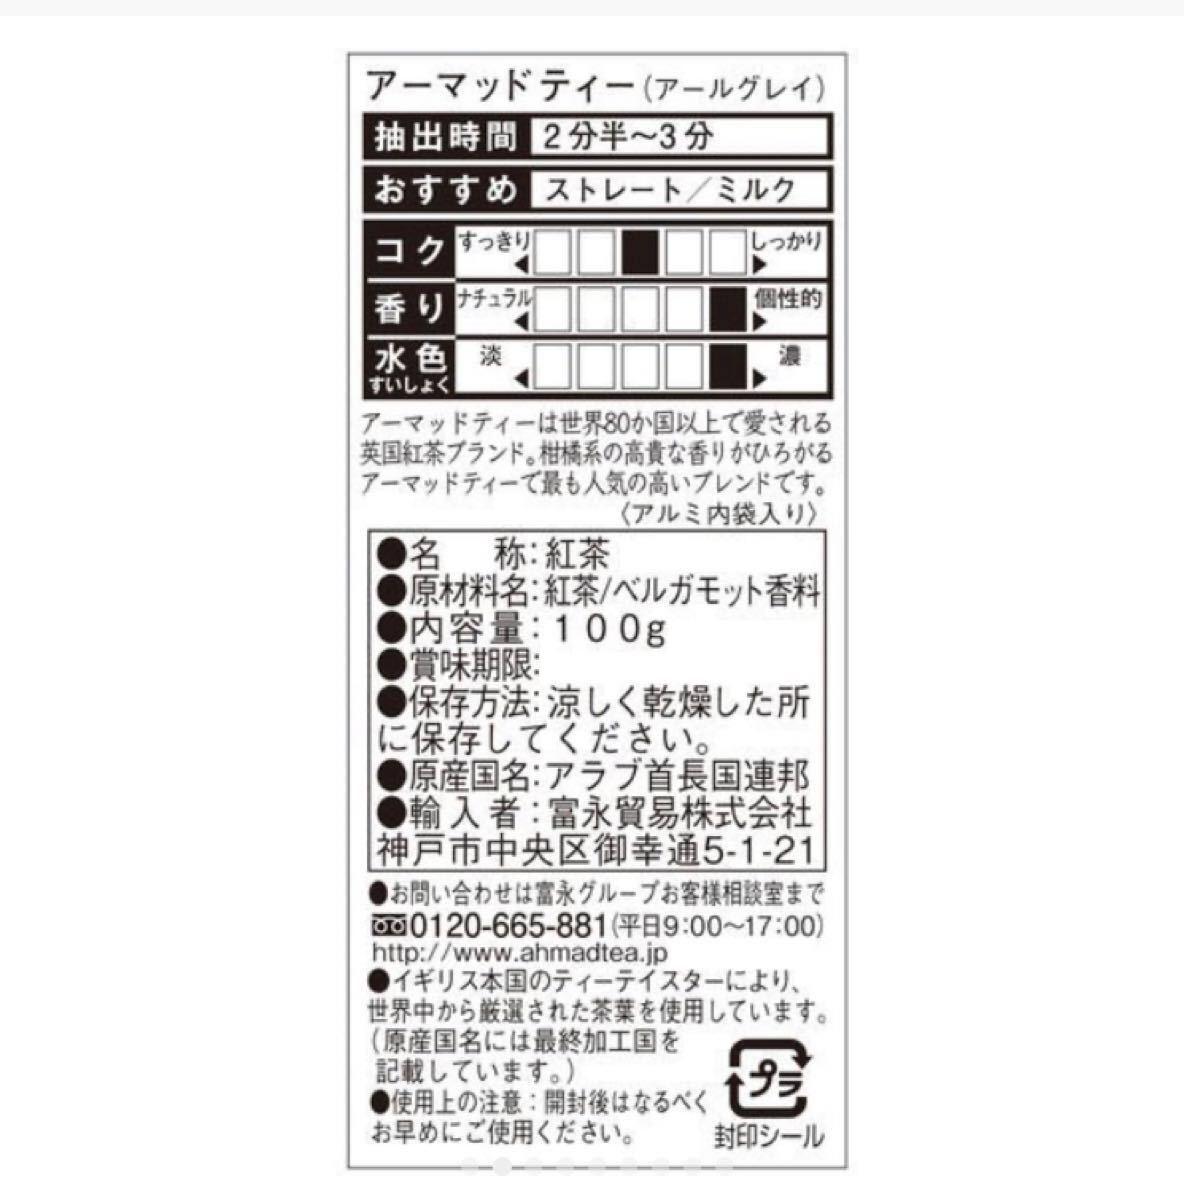 アーマッドティー(アールグレイ)【100g×2缶】★高品質紅茶 ☆日本全国、沖縄、離島も送料無料